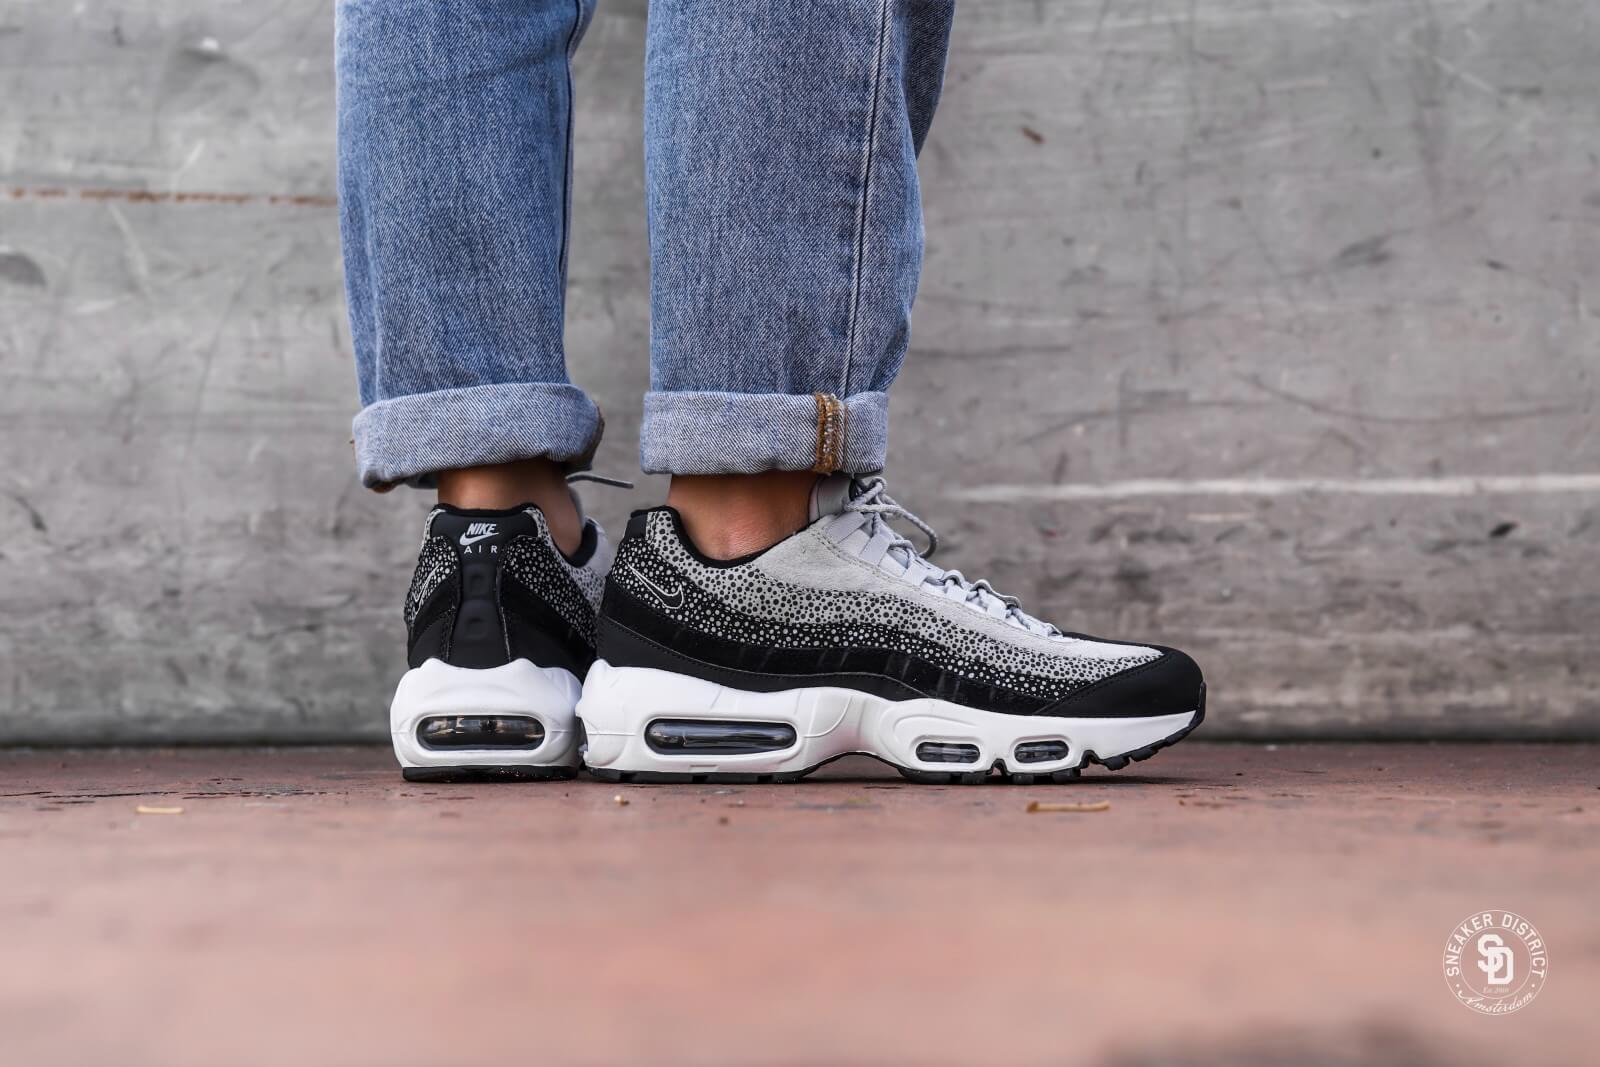 Nike Air Max 95 Premium   Black   Sneakers   538416 016